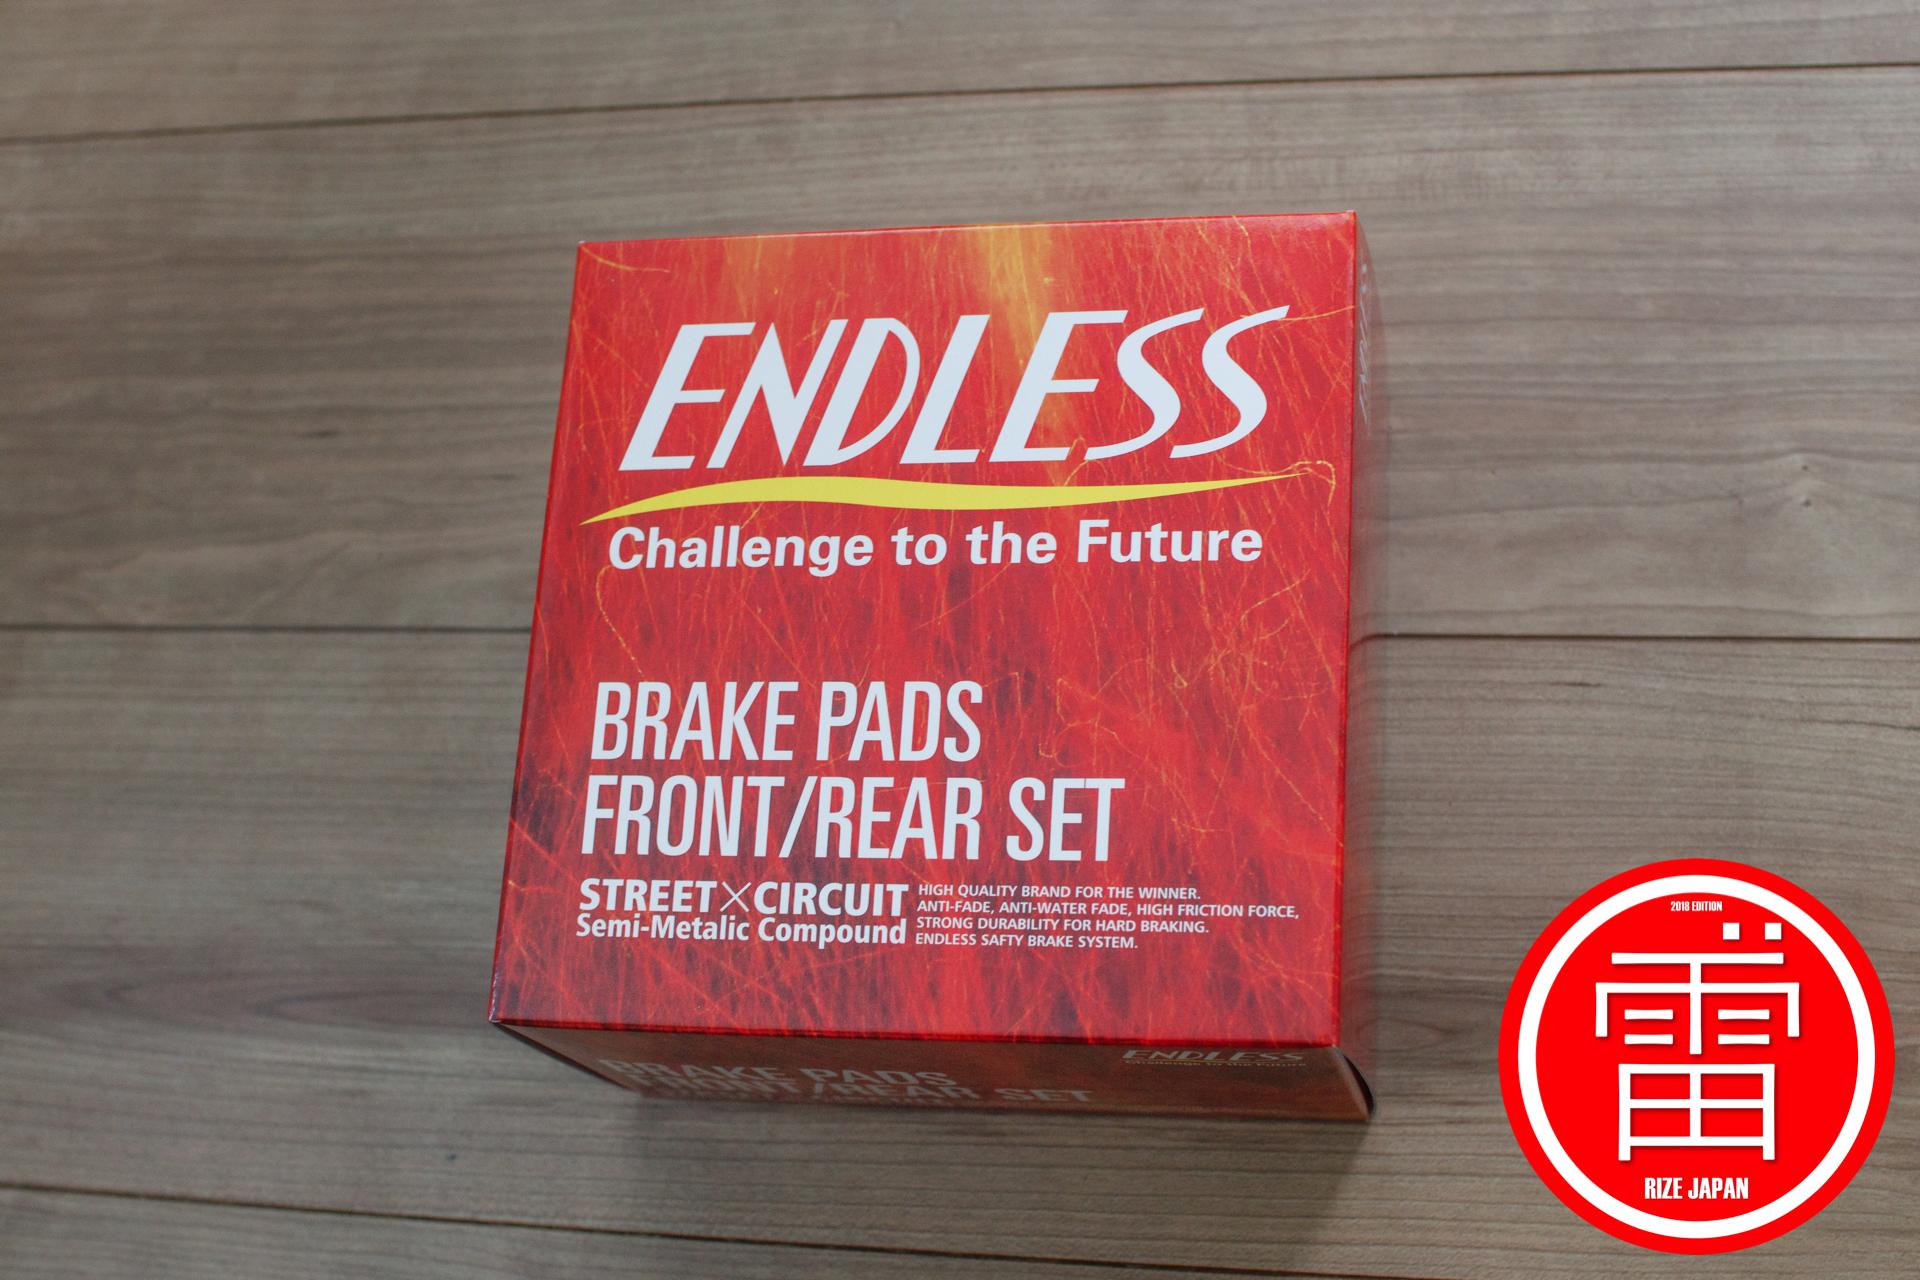 エンドレス MX72 Plus 前後ブレーキパッド / Endless MX72 Plus F/R set Brake Pad for FC3S